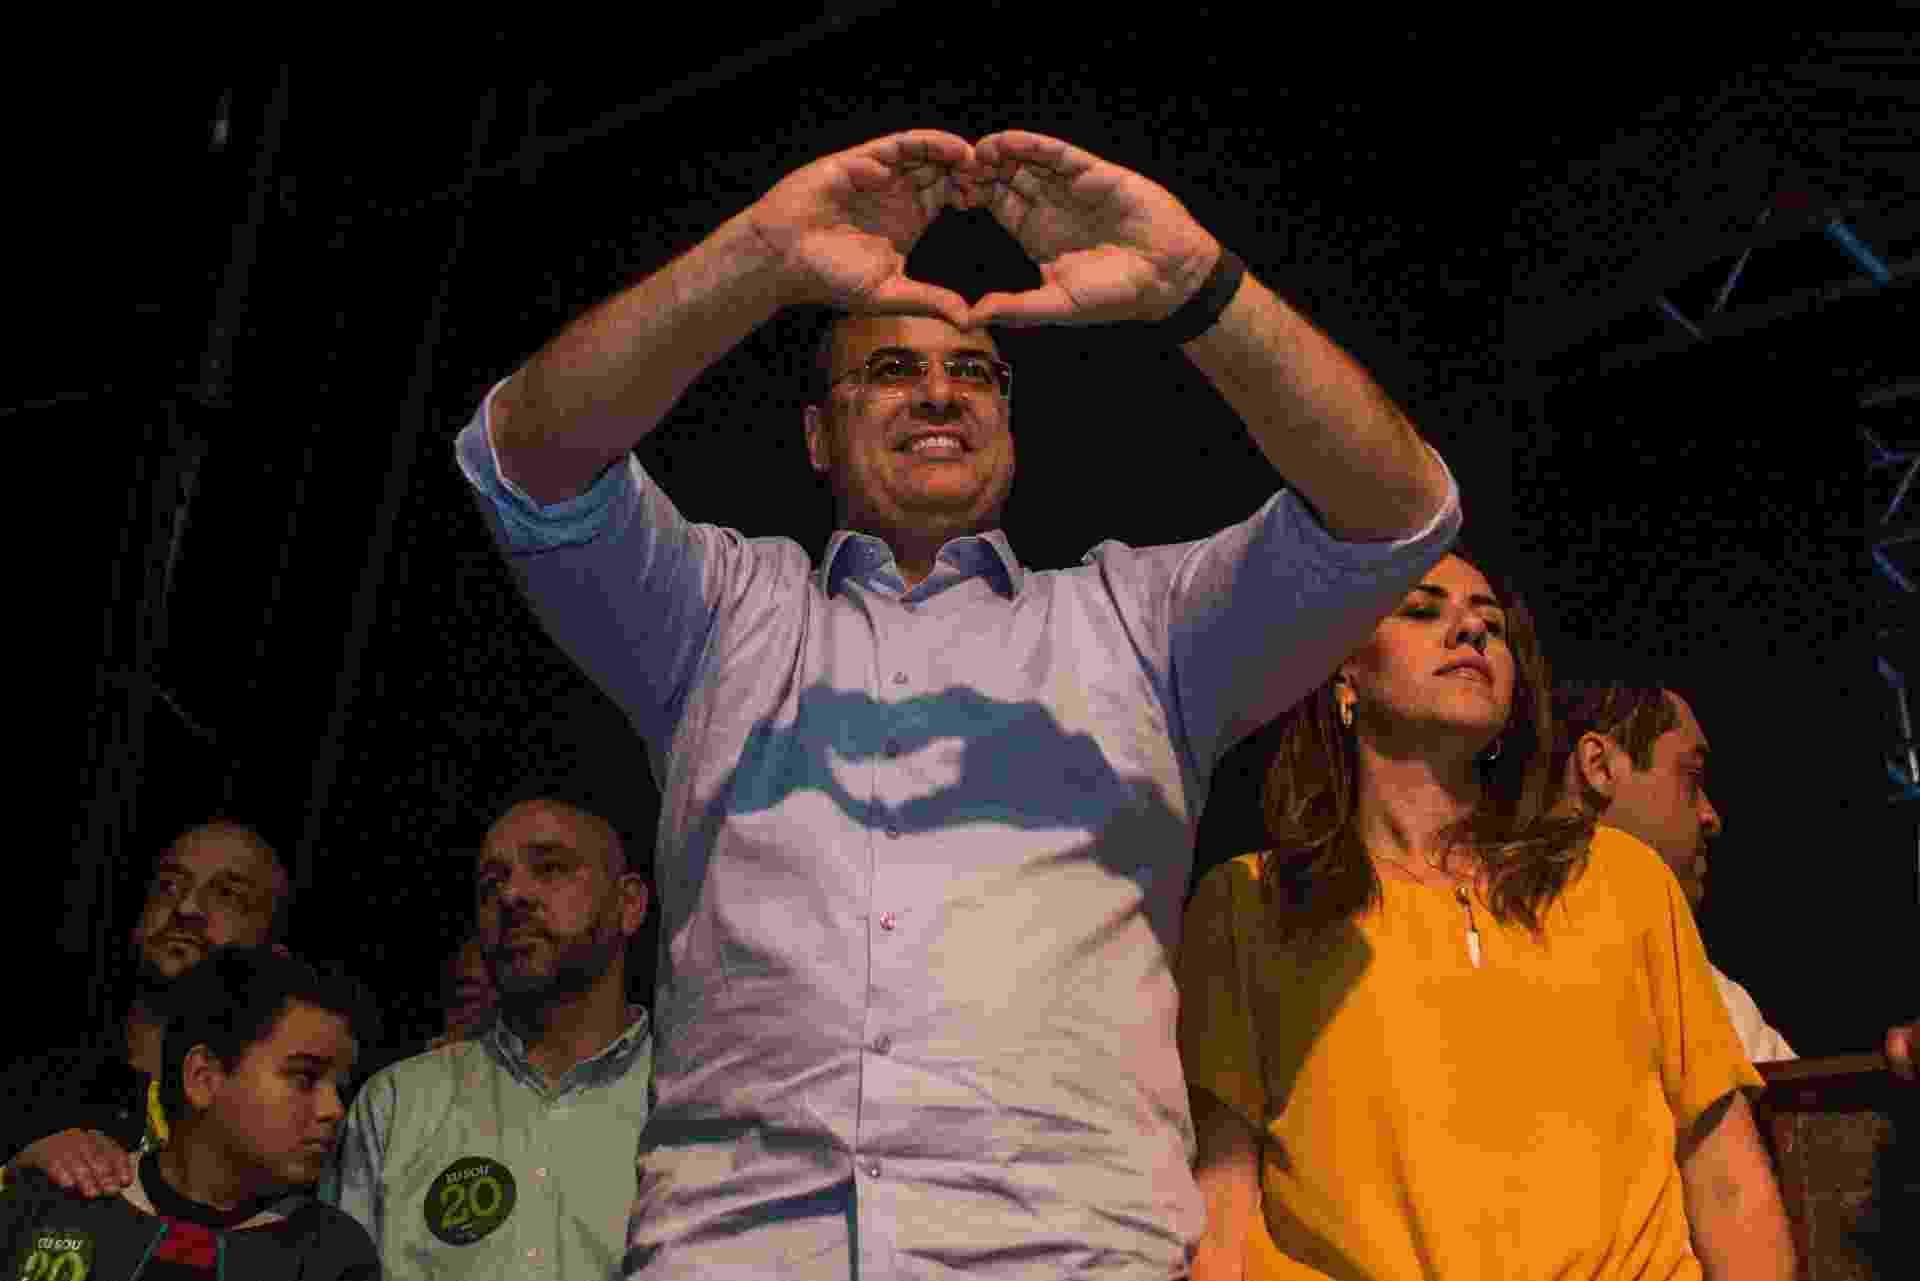 28.out.2018 - Governador eleito do Rio de Janeiro Wilson Witzel (PSC) comemora a vitória, na Barra da Tijuda, zona oeste do Rio. Witzel obteve 59,87% dos votos válidos, contra 40,13% de Eduardo Paes (DEM) - Estadão Conteúdo